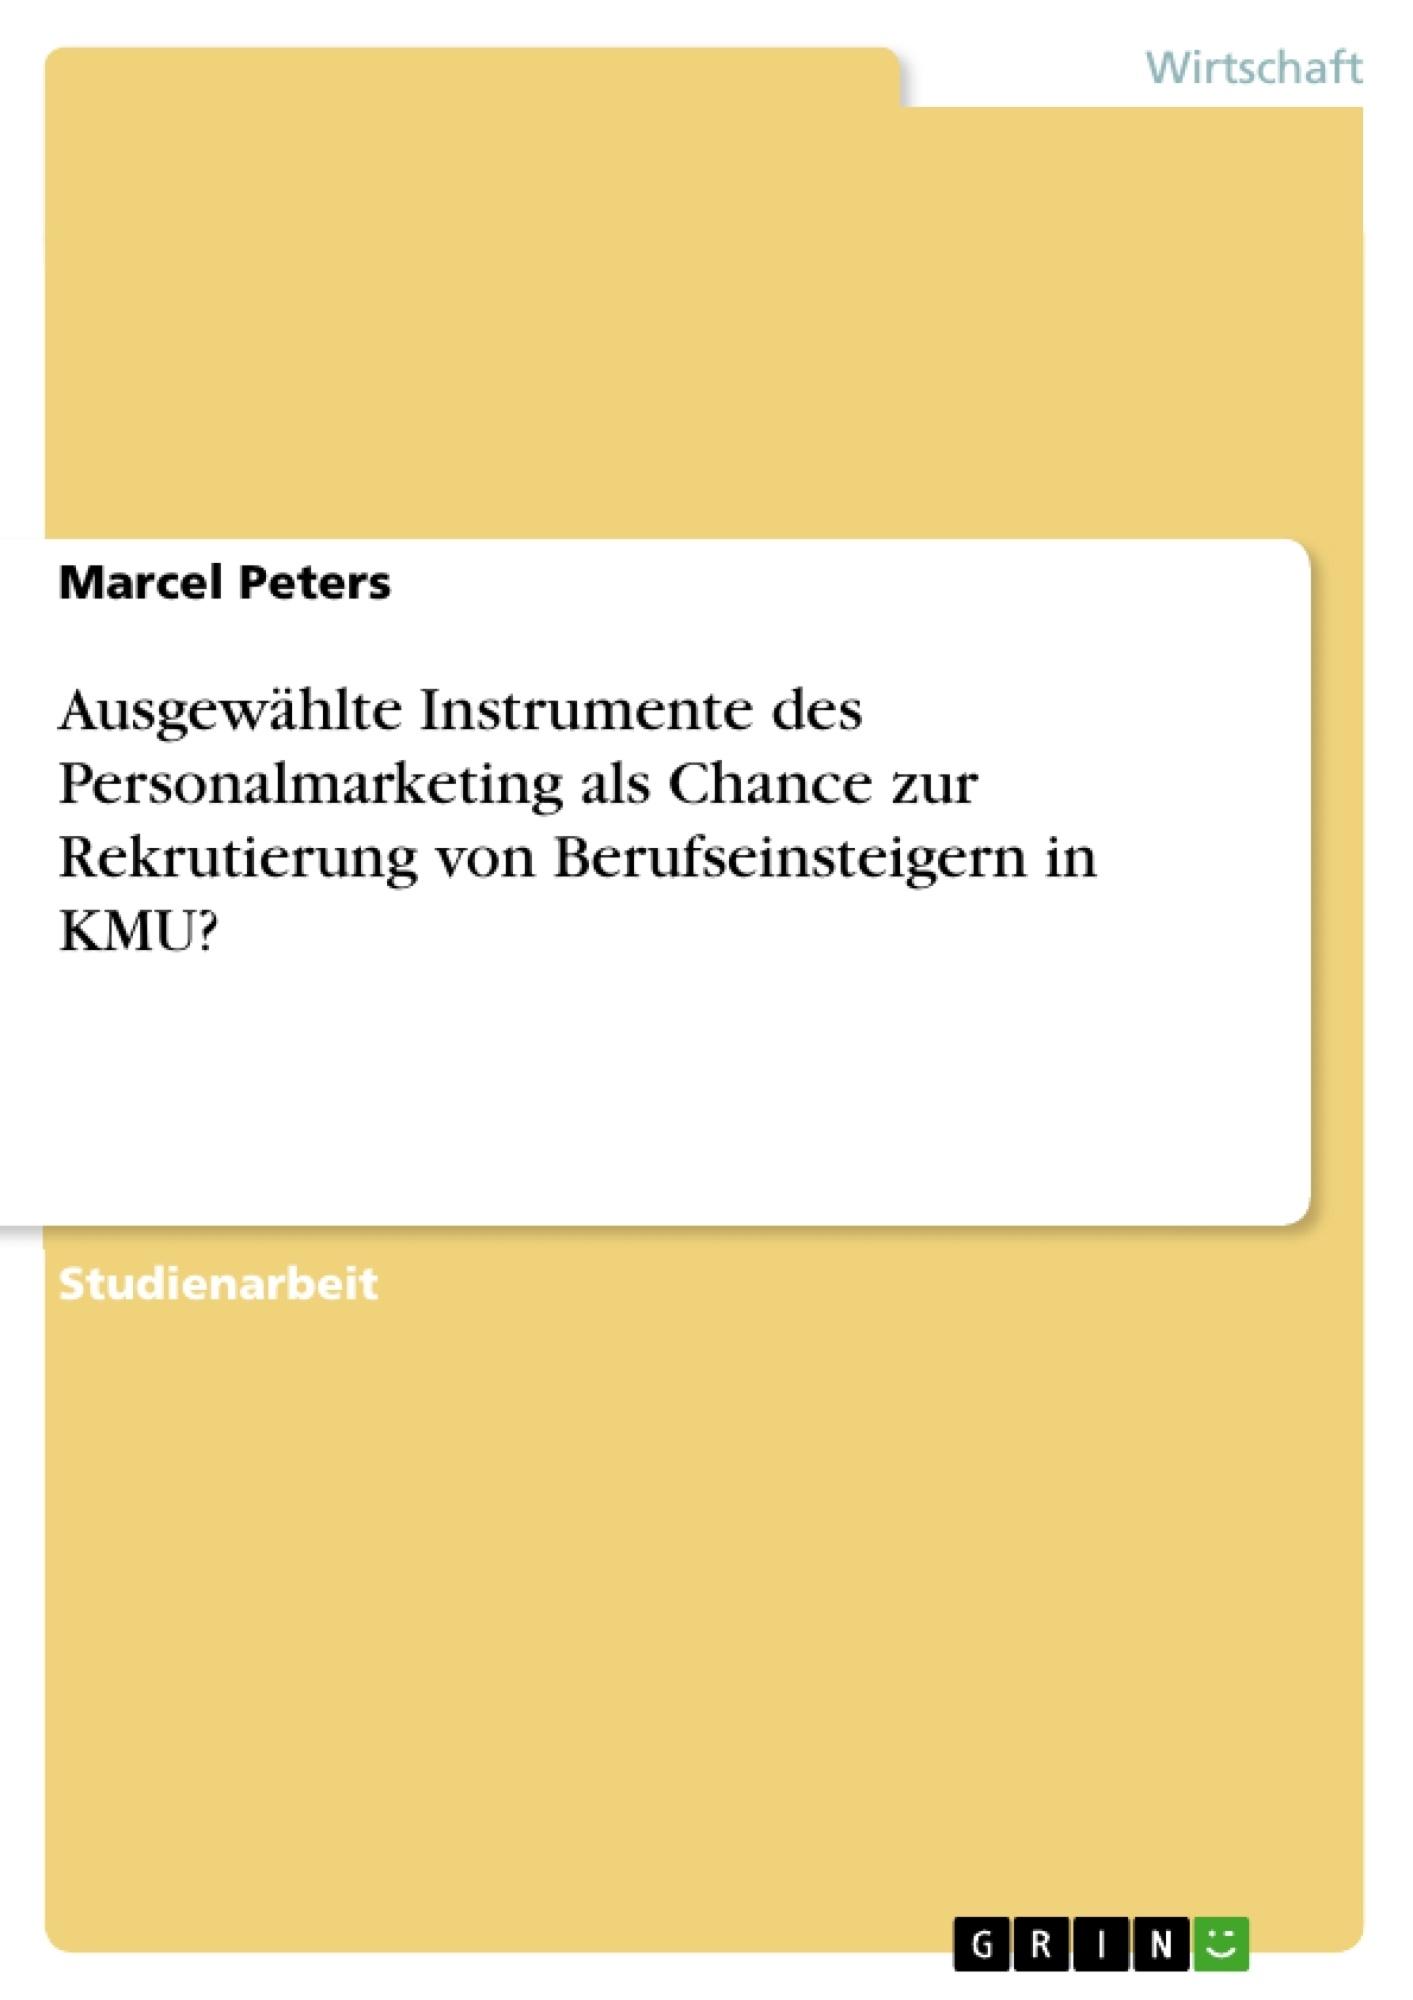 Titel: Ausgewählte Instrumente des Personalmarketing als Chance zur Rekrutierung von Berufseinsteigern in KMU?